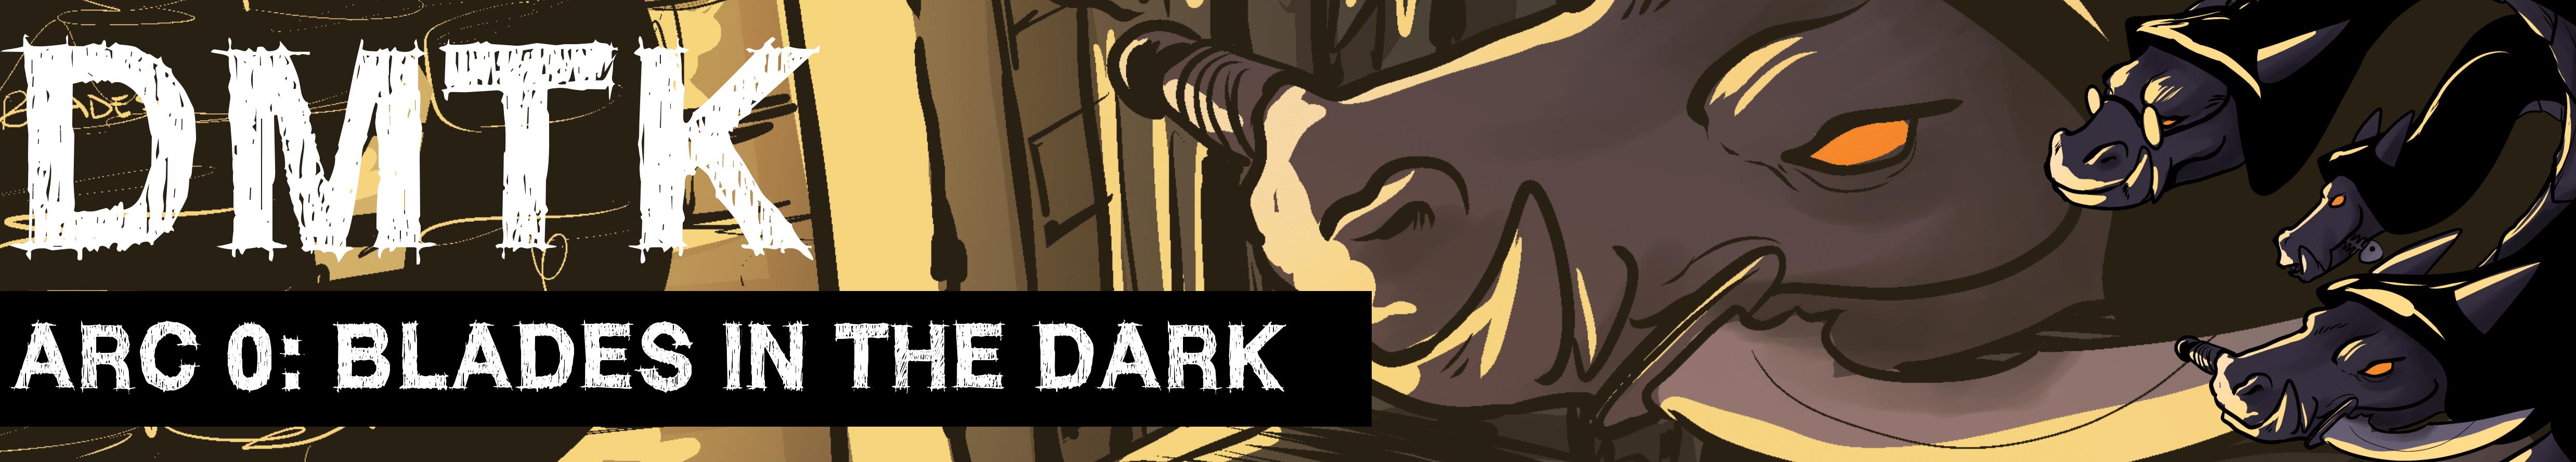 DMTK-A00-bladesinthedark-banner